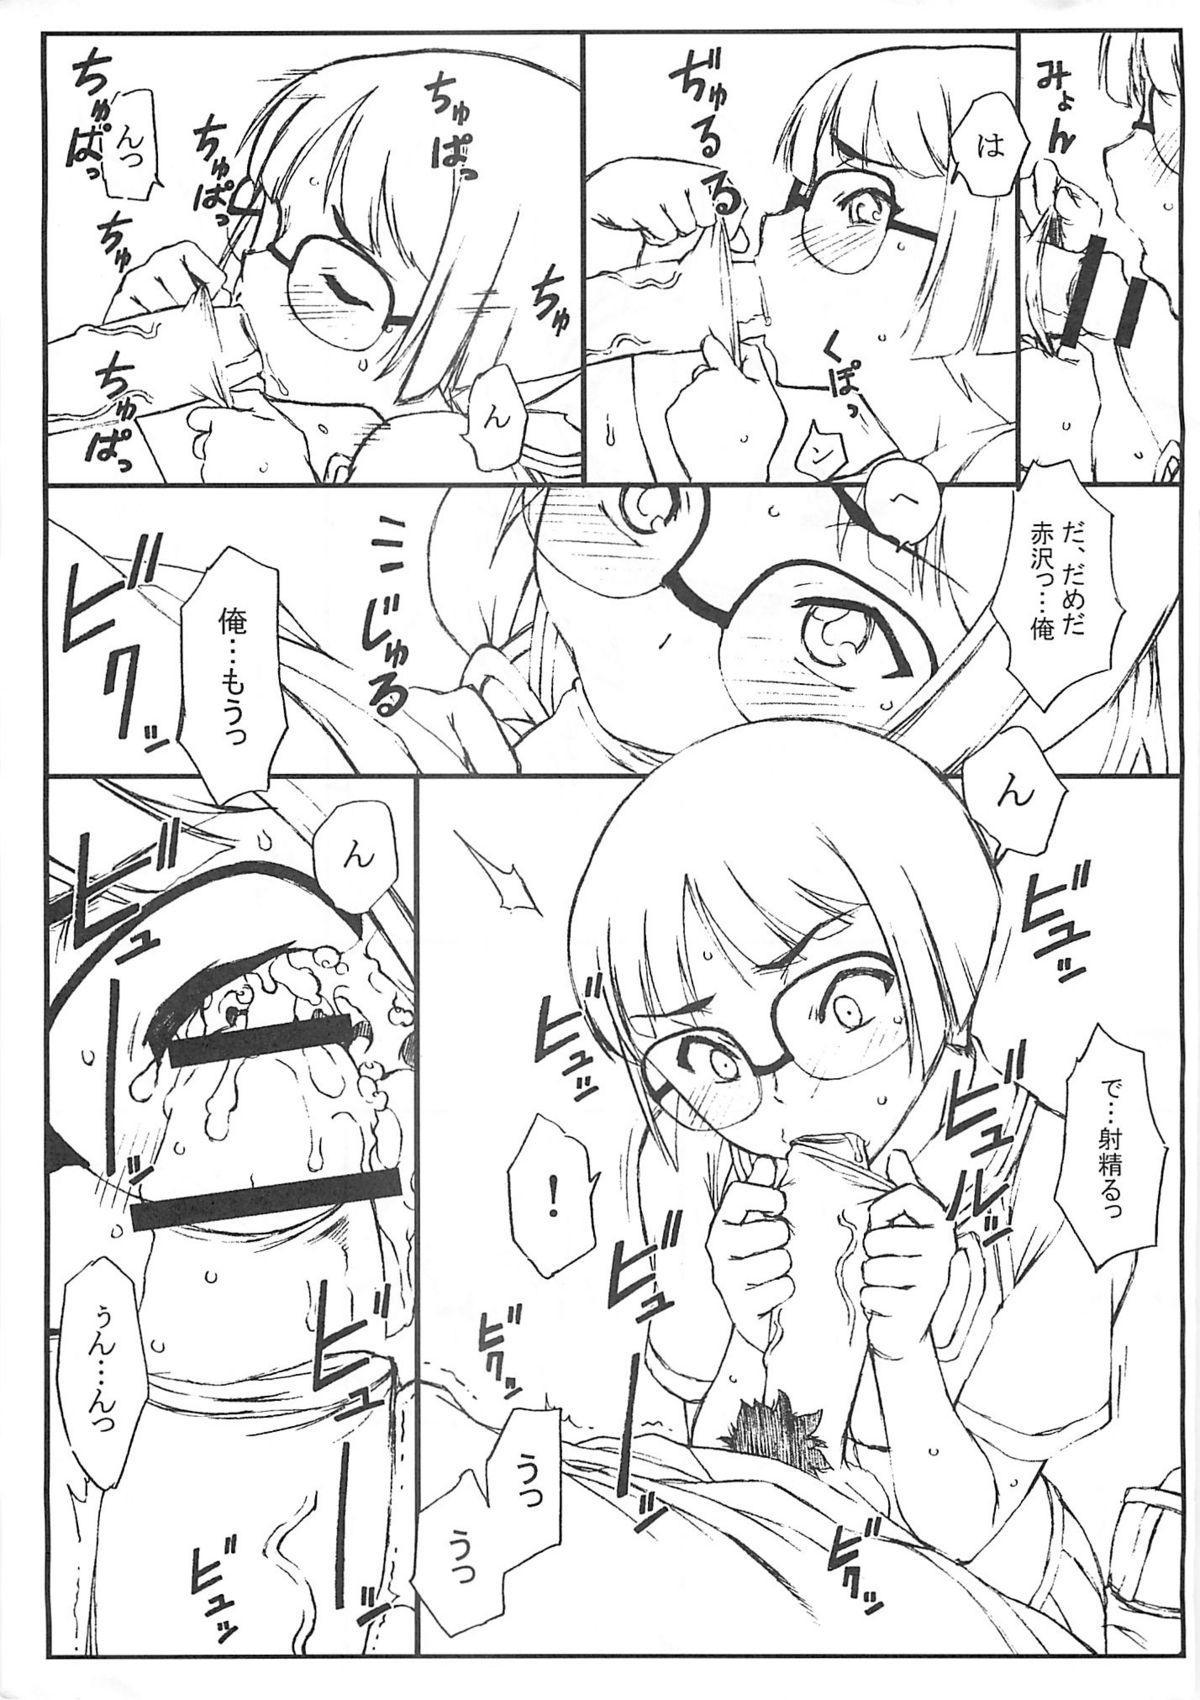 Copy Shi Daioujou. 5